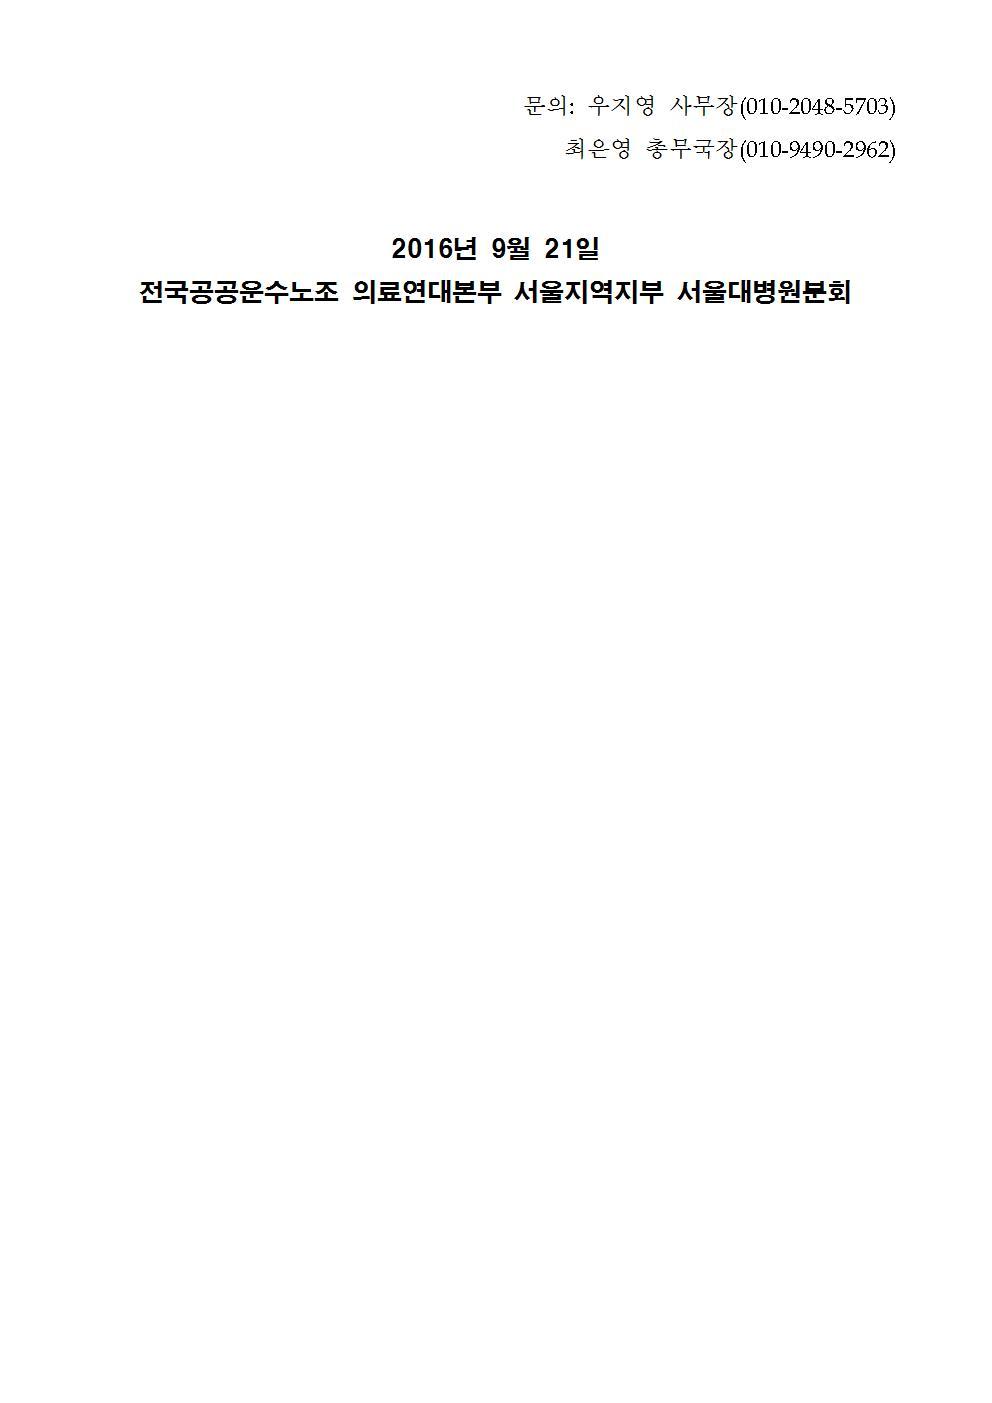 160921 보도자료 (첨단외래센터)004.jpg